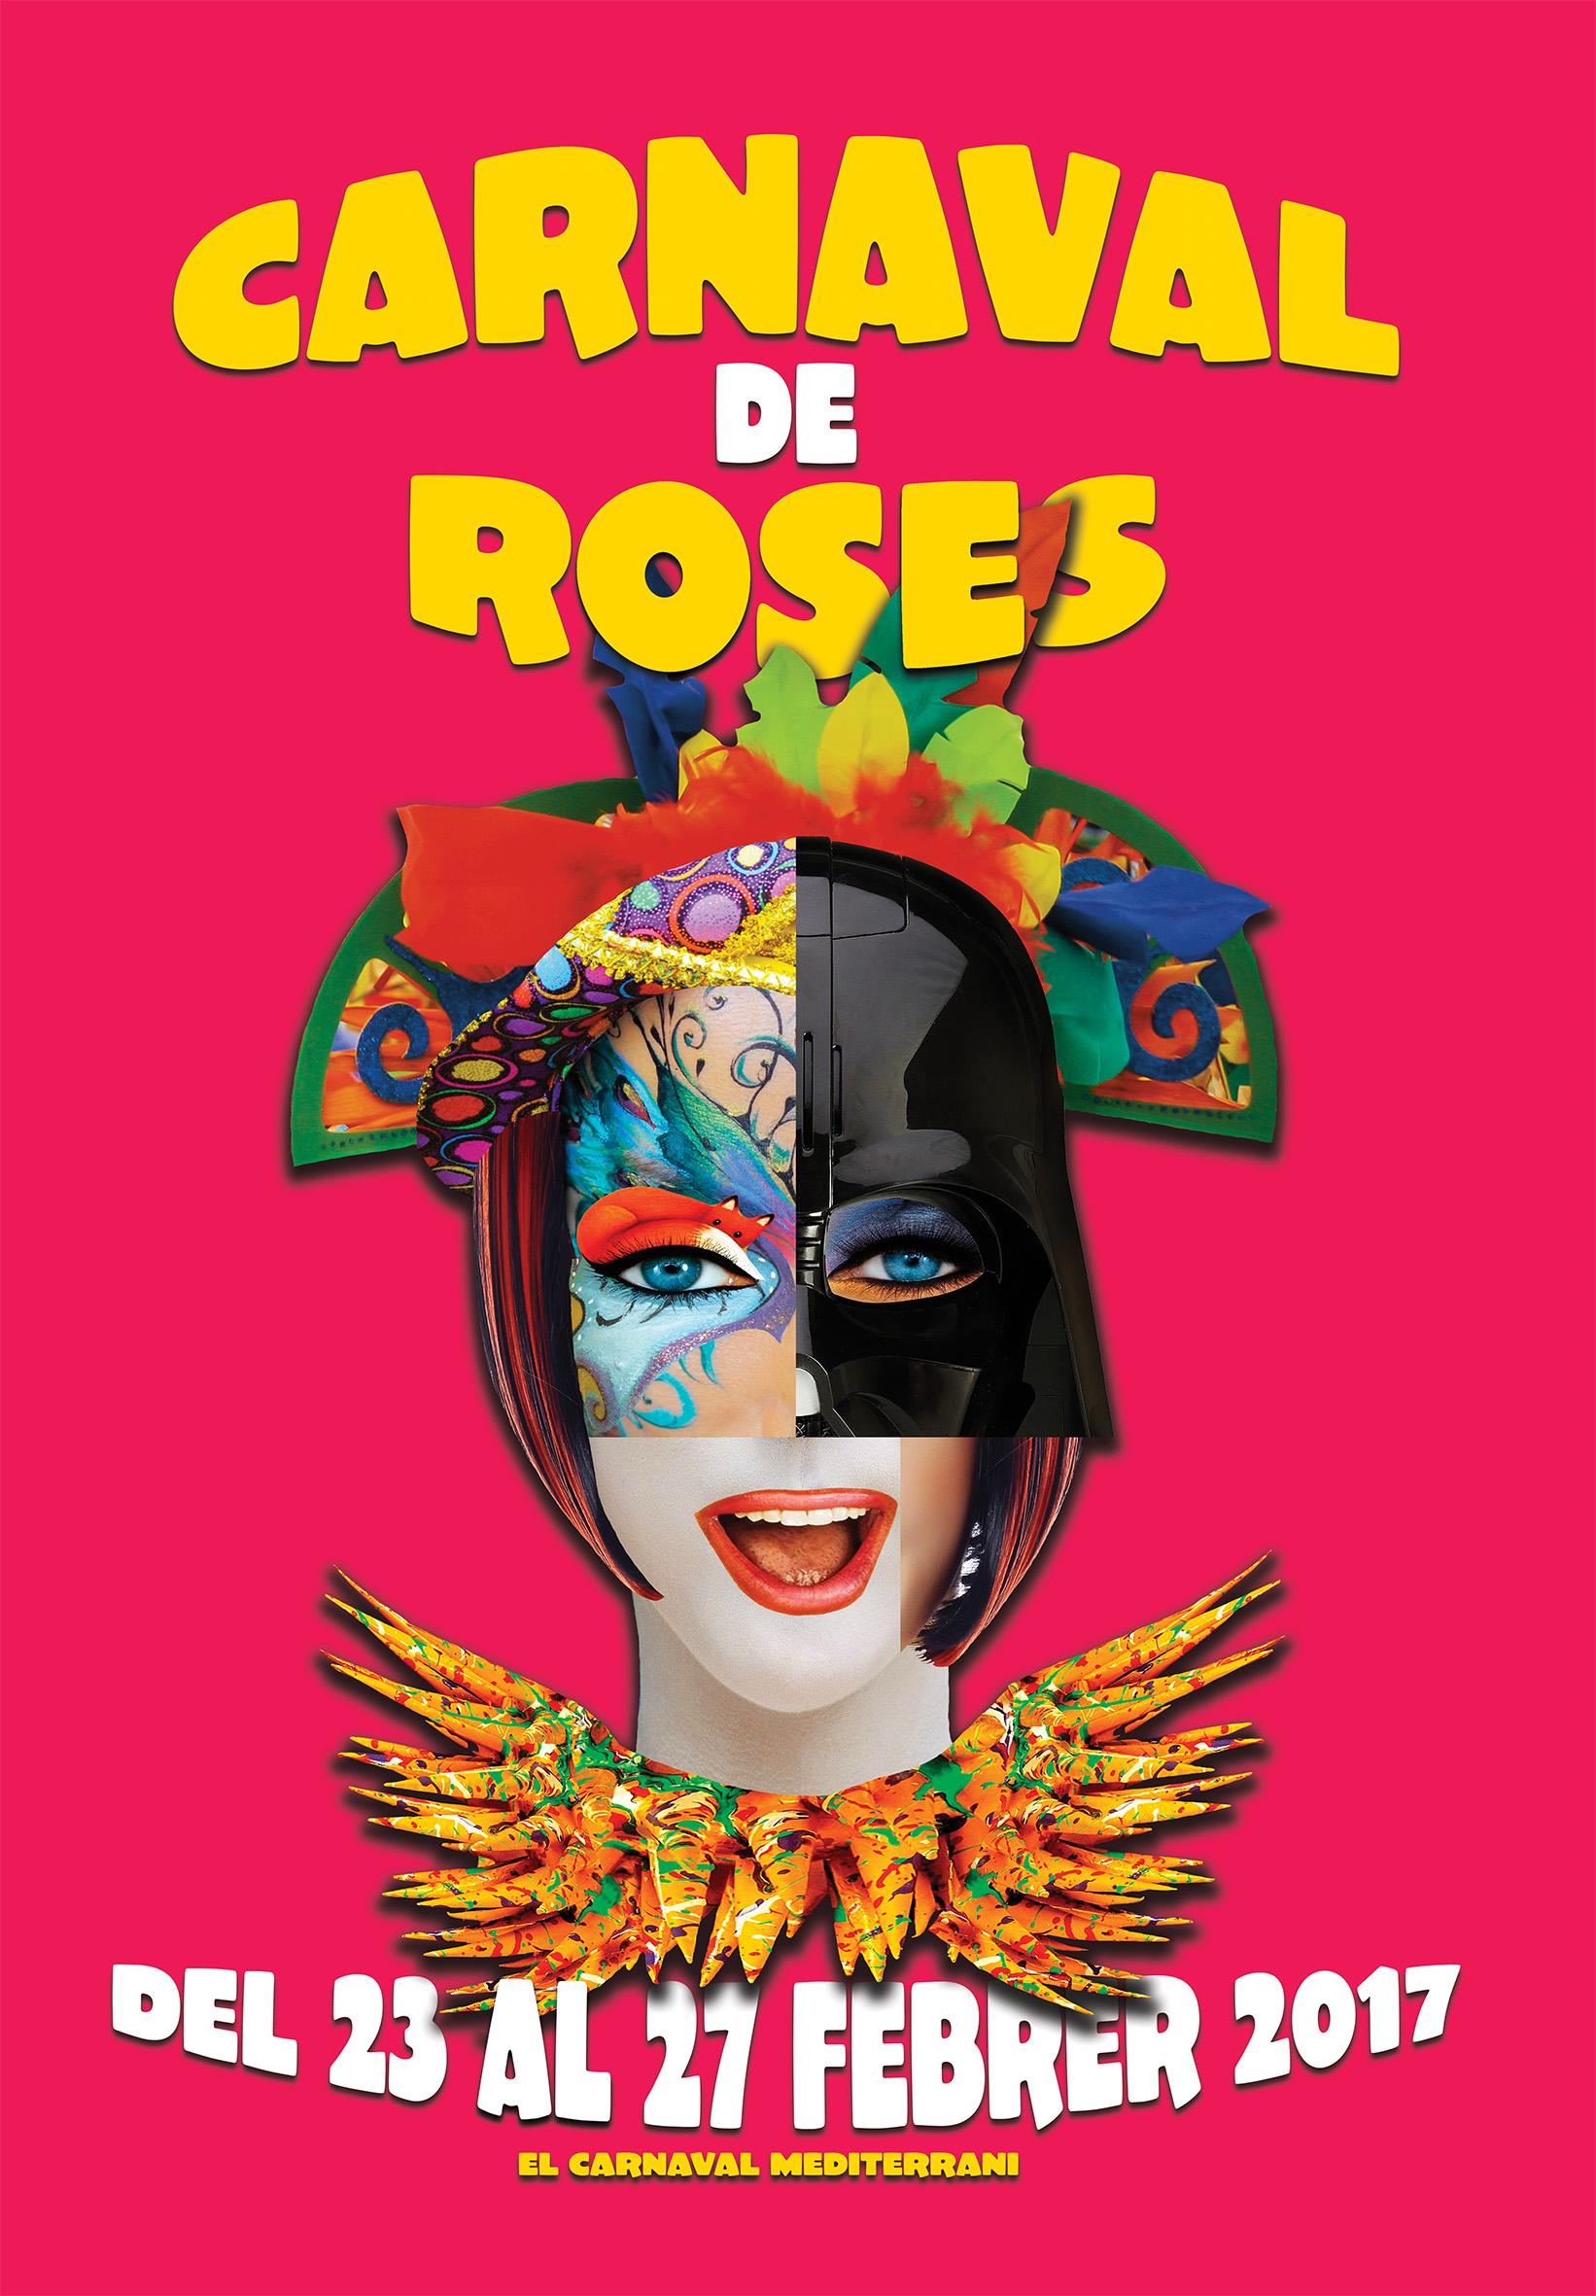 Aquest vespre es presenten els Reis i Reines del Carnaval de Roses 2017